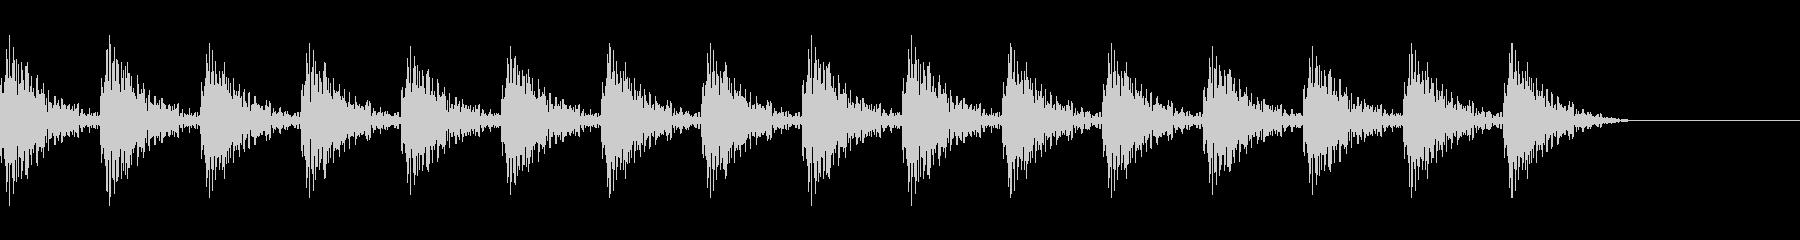 どんどん(巨人、速歩き)A13の未再生の波形